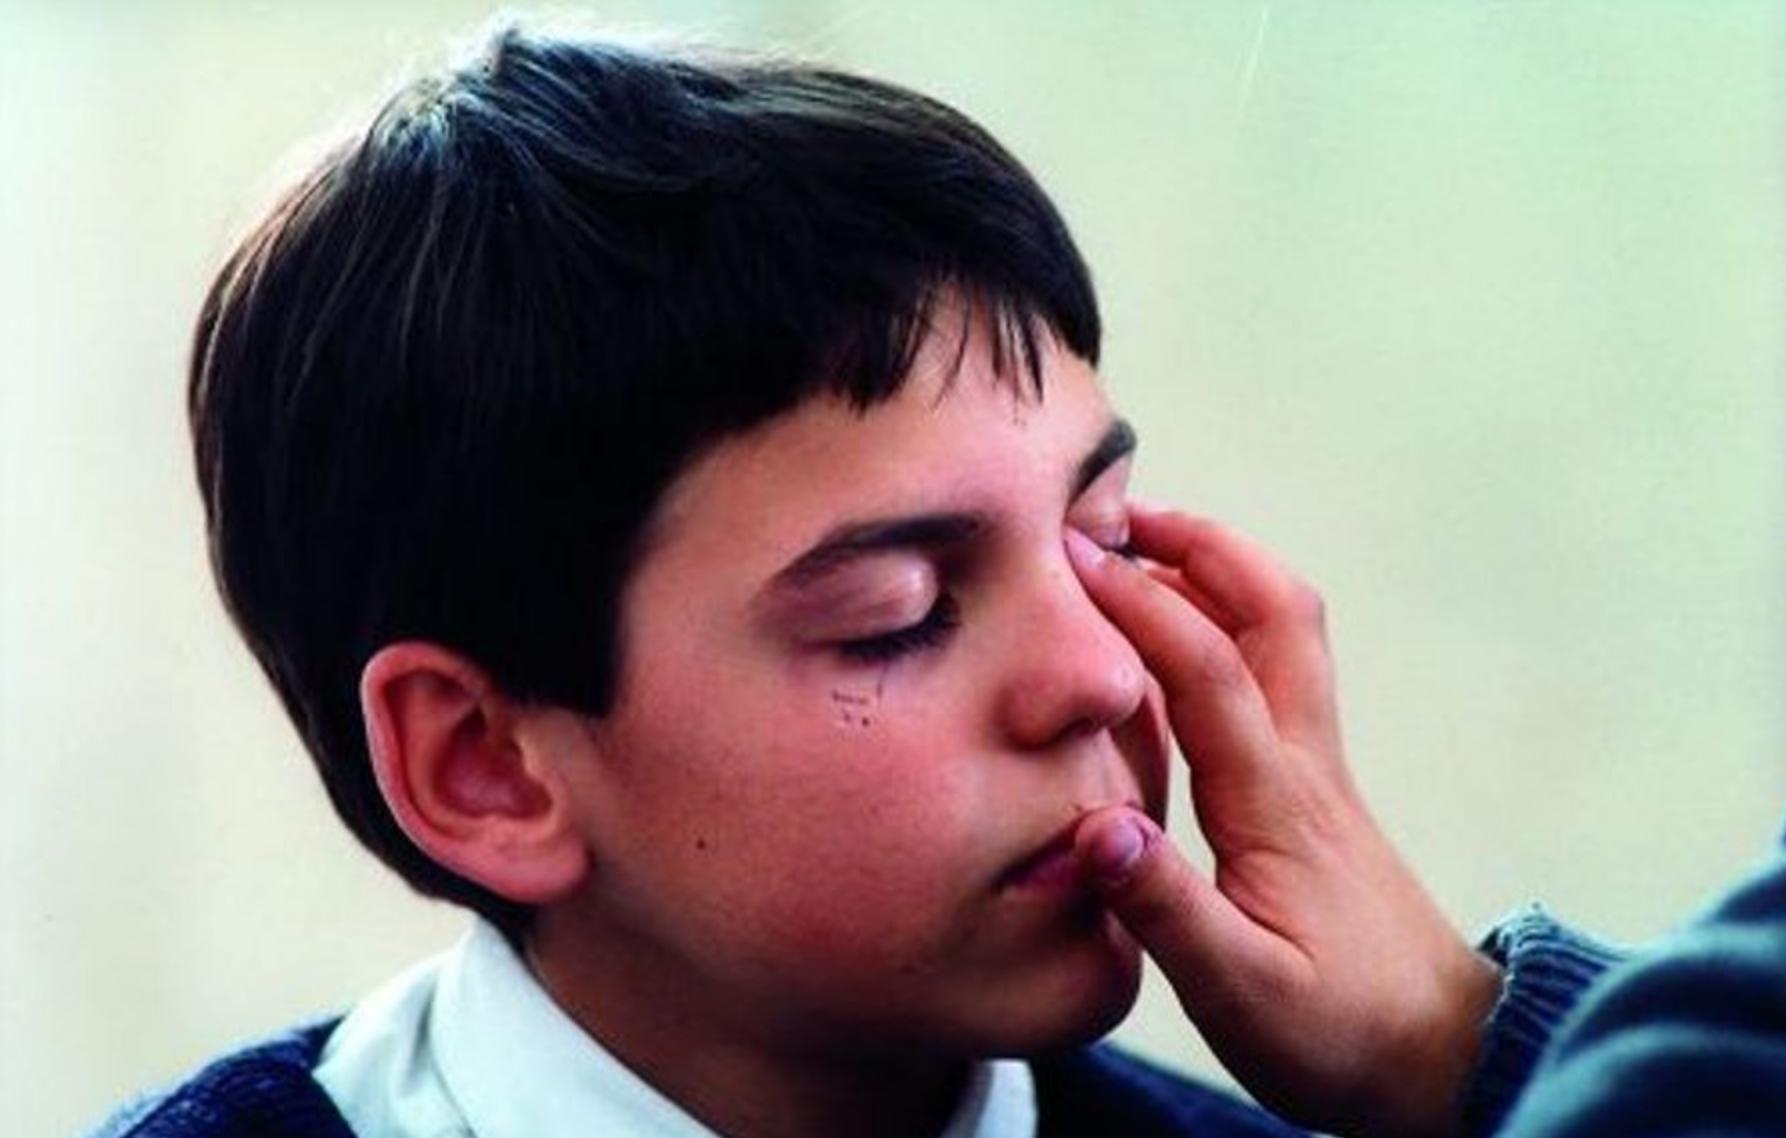 Mirco heeft zijn ogen gesloten. Onder zijn rechteroog is een litteken zichtbaar. Op zijn linkeroog rust de hand van iemand anders, het is niet duidelijk van wie.